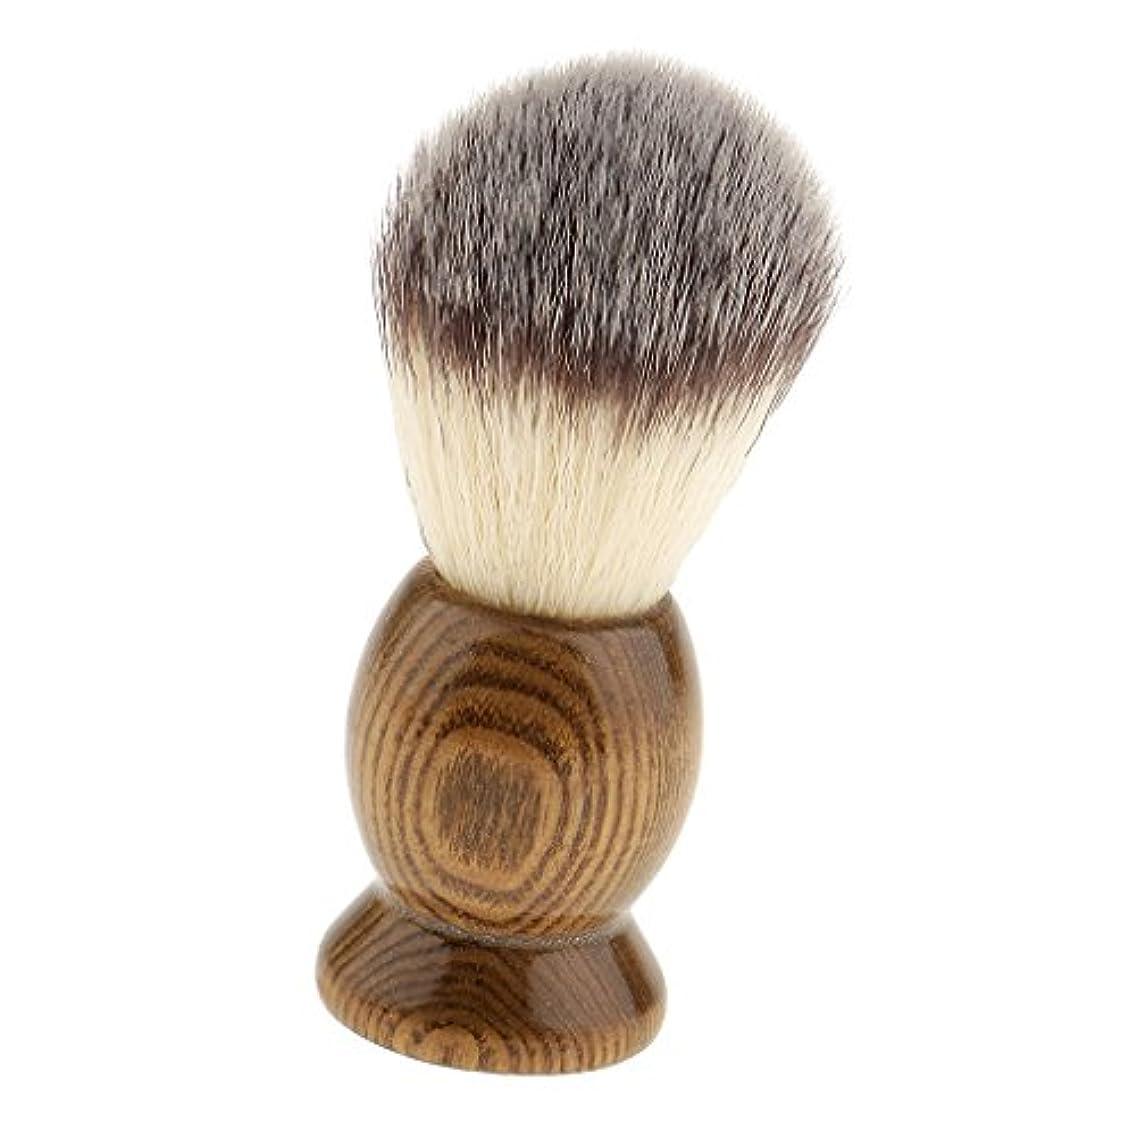 より軍団下位髭剃りブラシ メンズ シェービングブラシ 泡立ち サロン 家庭 父の日 プレゼント 全5種類 - 5